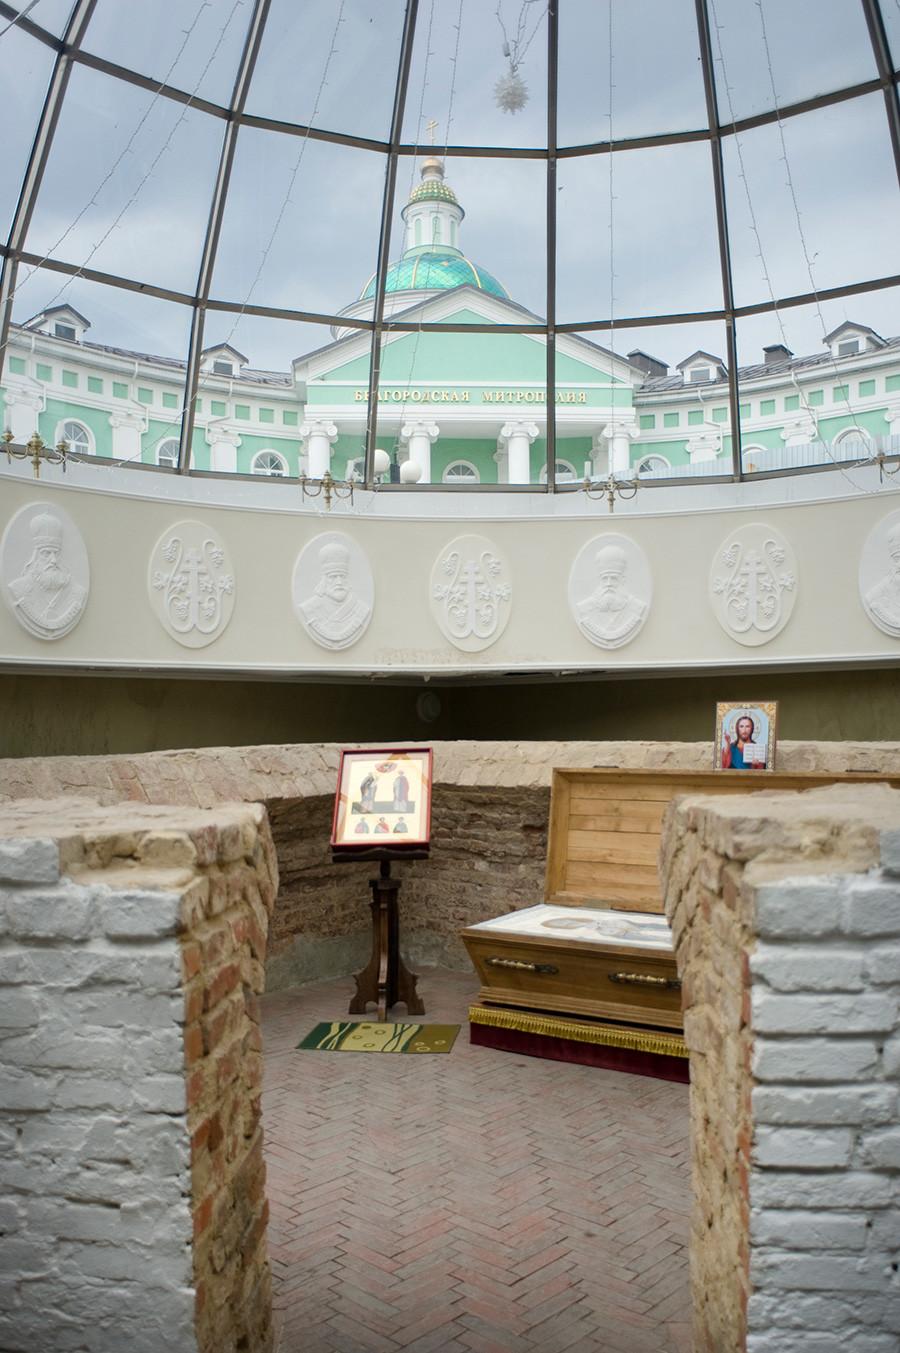 Crypte funéraire d'Ioassaph, adjacente à la chapelle Saint Ioassaph. Située dans la partie sud-ouest de la cathédrale de la Trinité démolie. Découverte par des archéologues en 1911. Arrière-plan supérieur : siège du métropolite de Belgorod